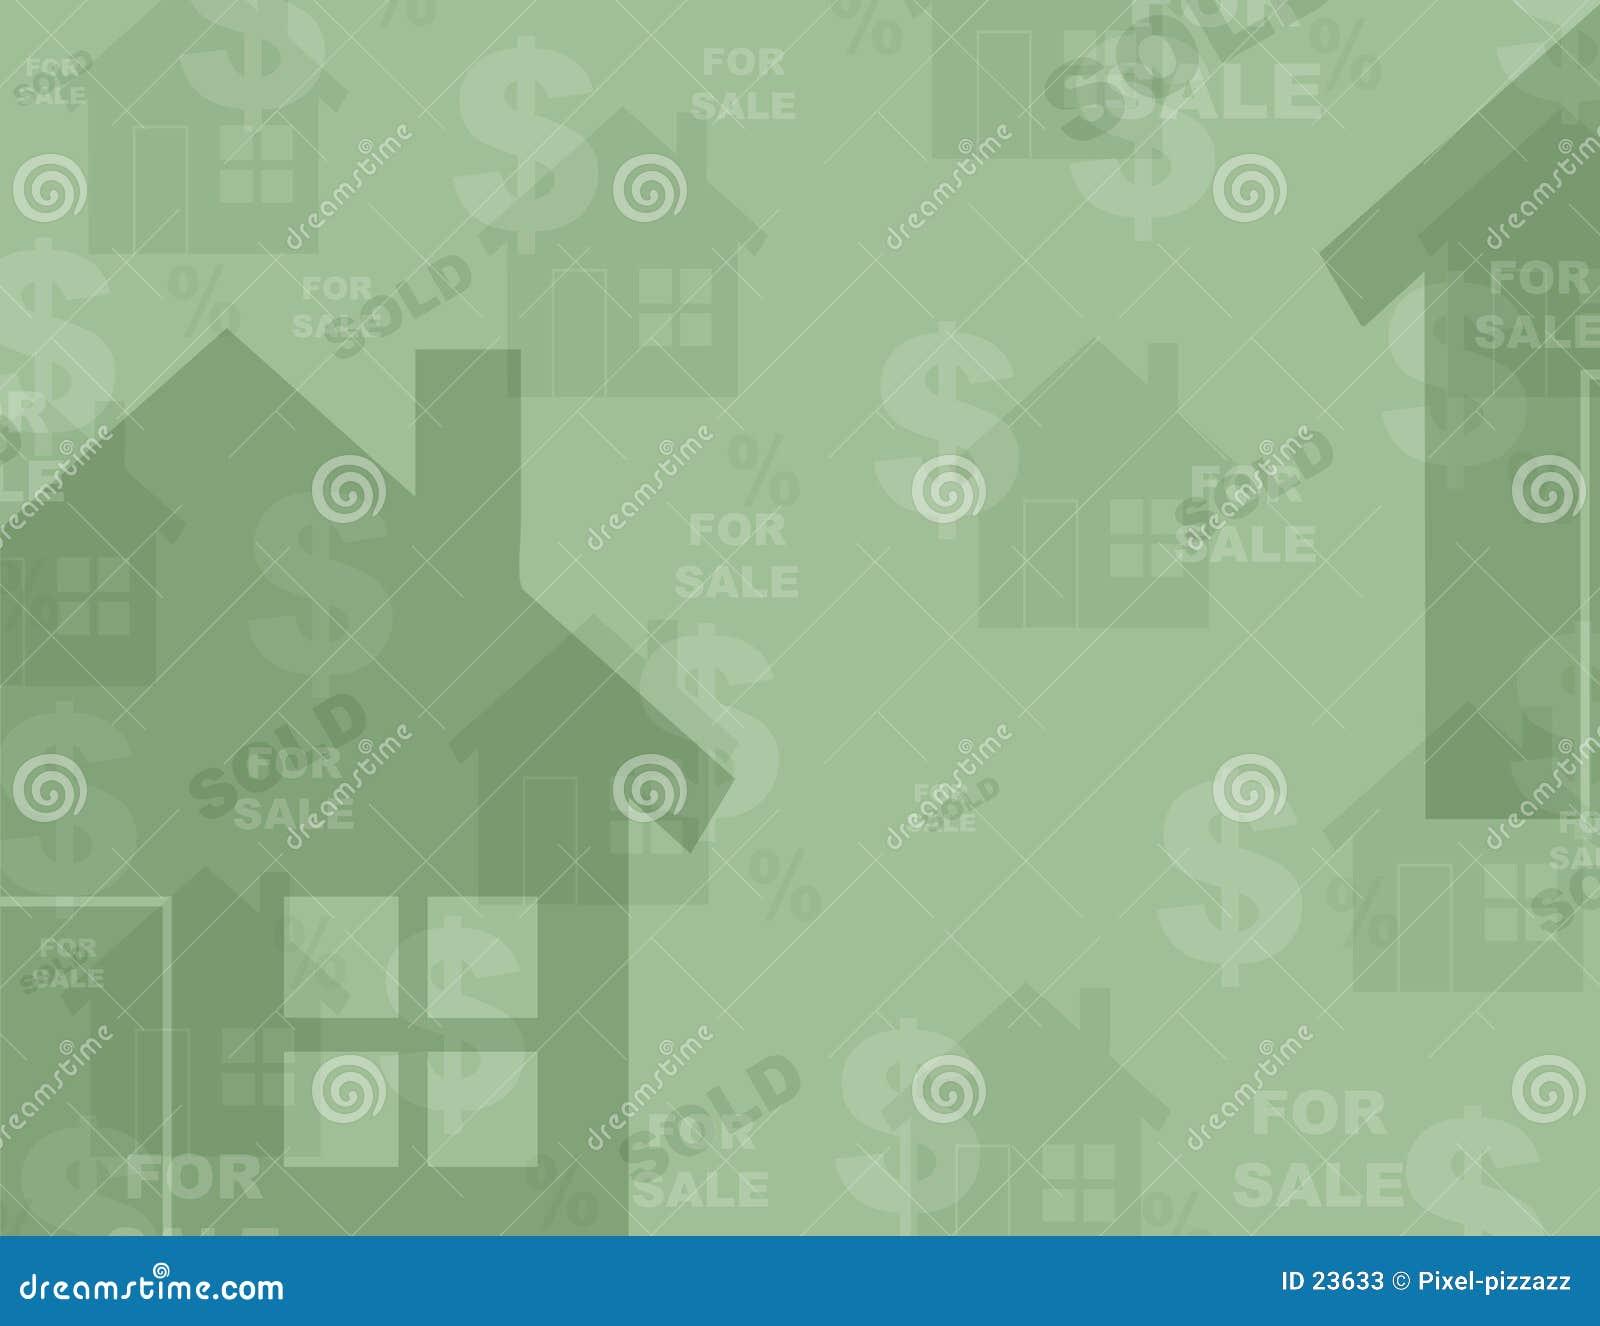 Fundo - bens imobiliários